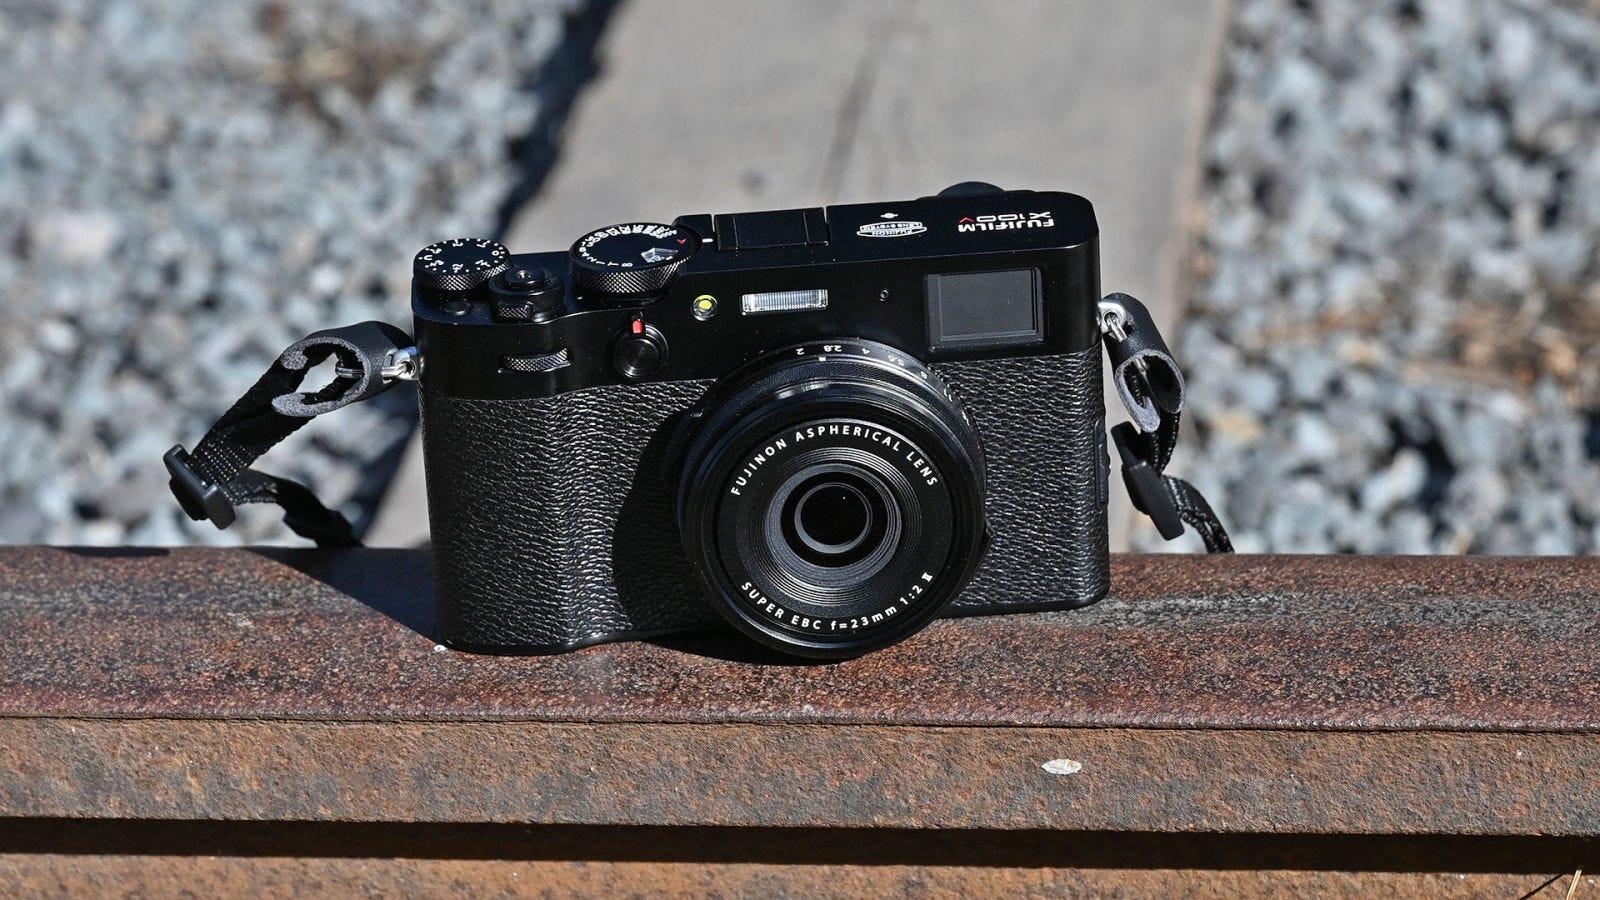 Como Fujifilm ha construido la lente dentro de la cámara, el resultado es más compacto que la X-Pro 3.  Foto: Sam Rutherford (Gizmodo)